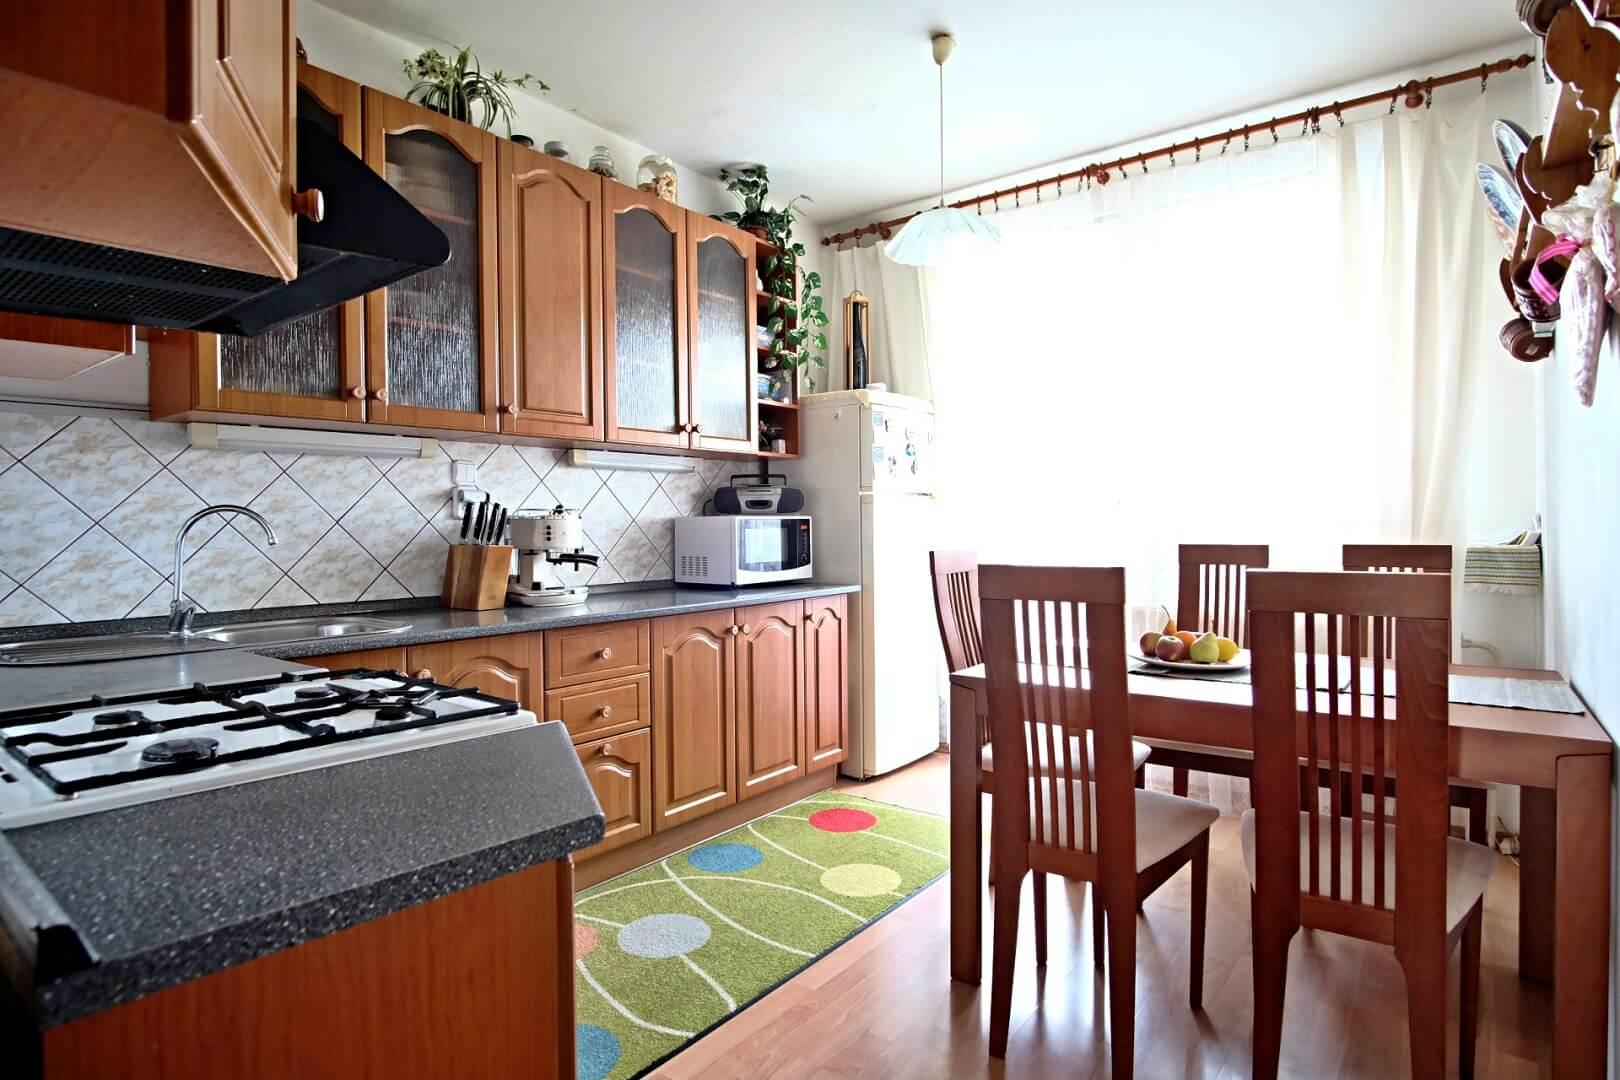 Predané: Na predaj 4 izbový byt v4-poschodovom bytovom dome svýťahom ulica Vyšehradská, Bratislava.-1